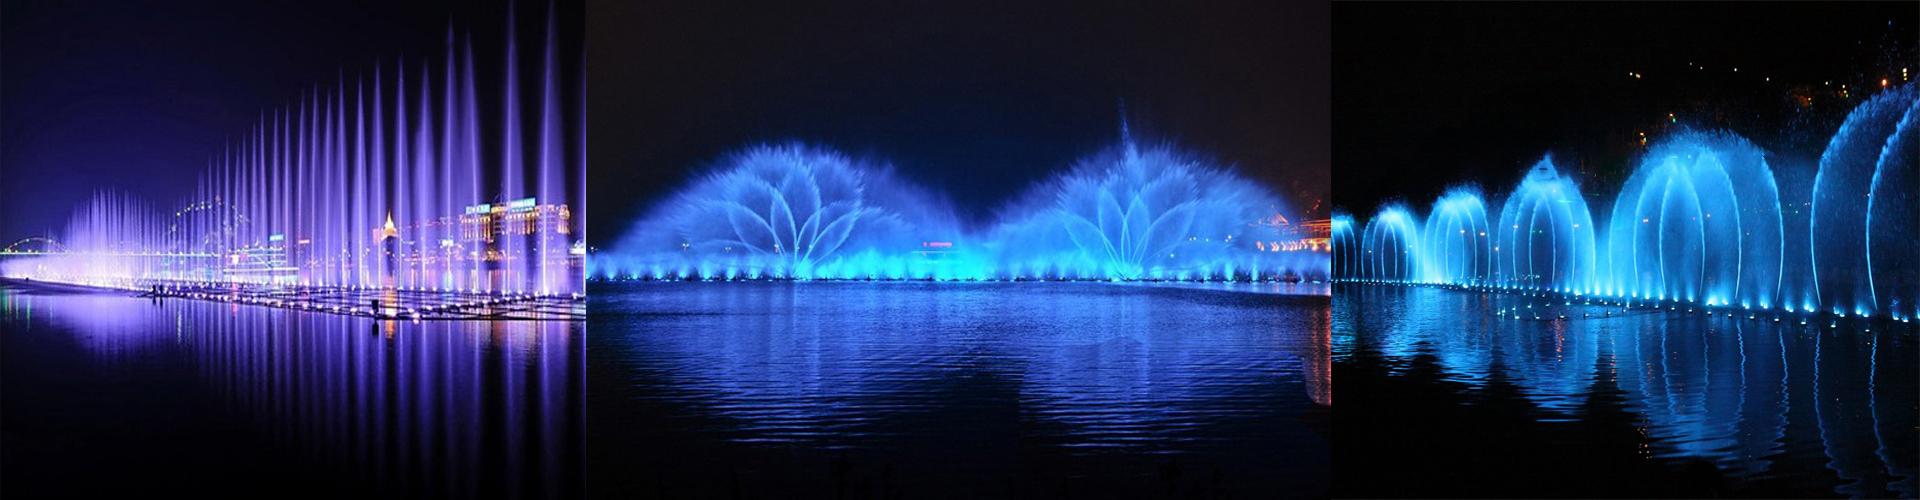 云南华兴喷泉,专注喷泉喷灌工程20年!